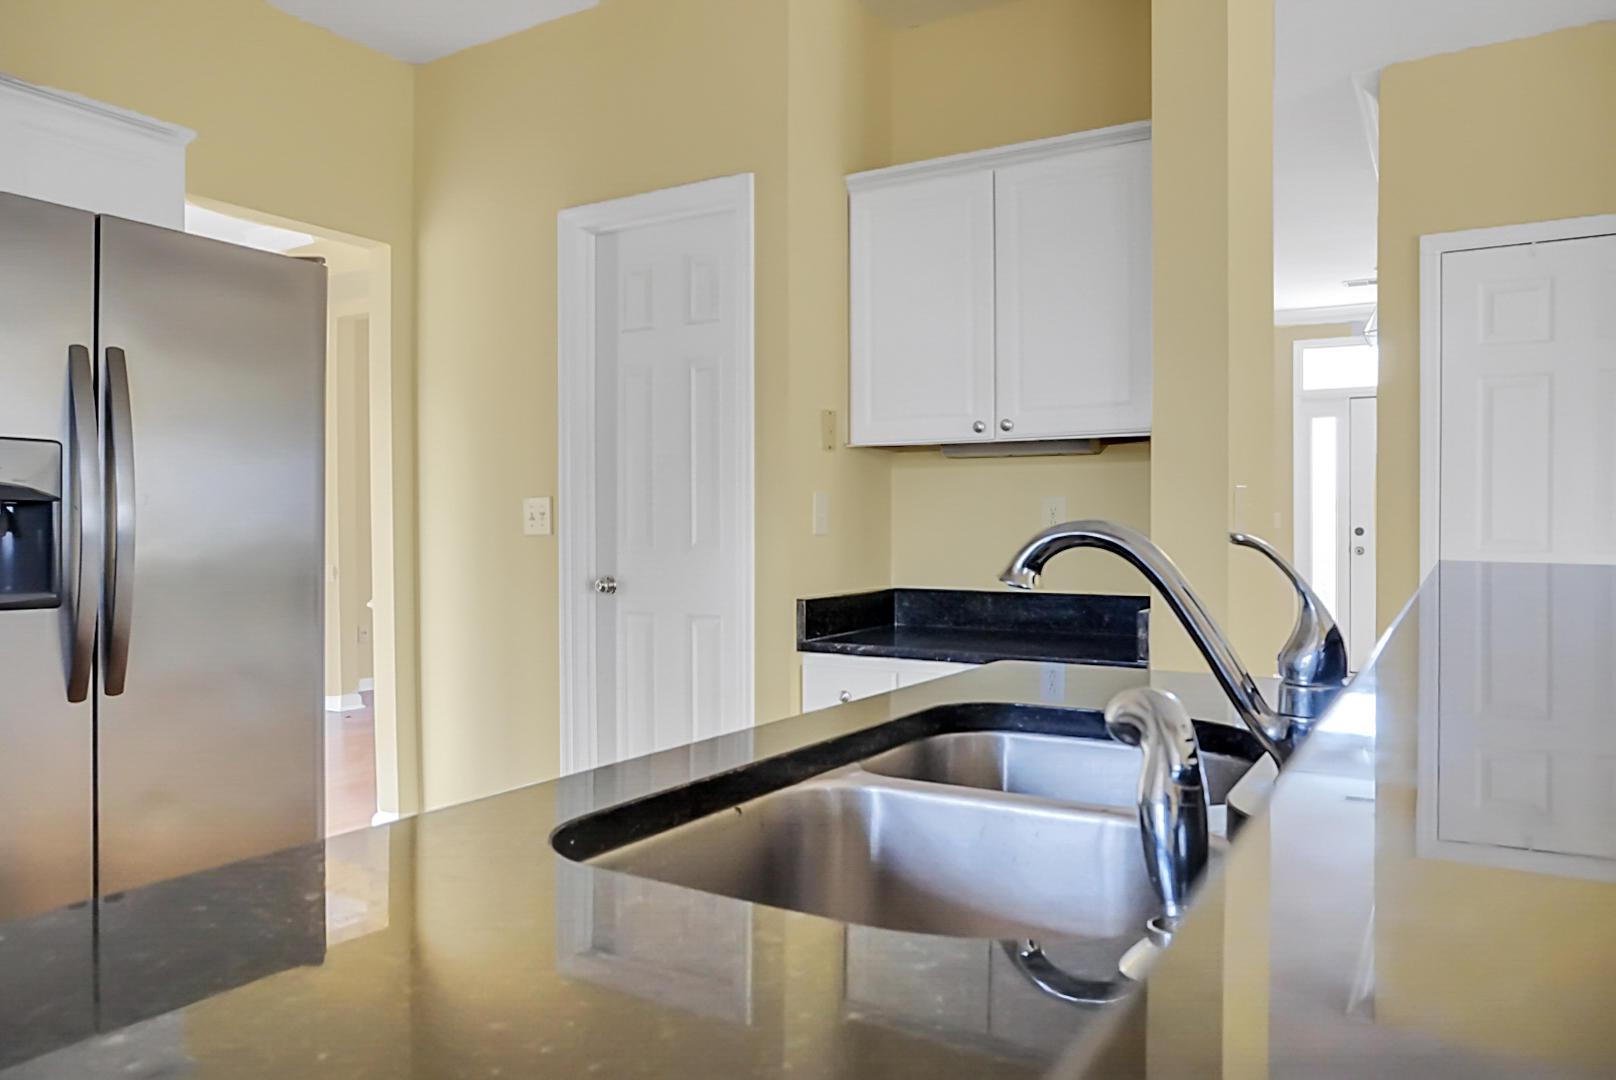 Dunes West Homes For Sale - 3209 Carmel Bay, Mount Pleasant, SC - 24